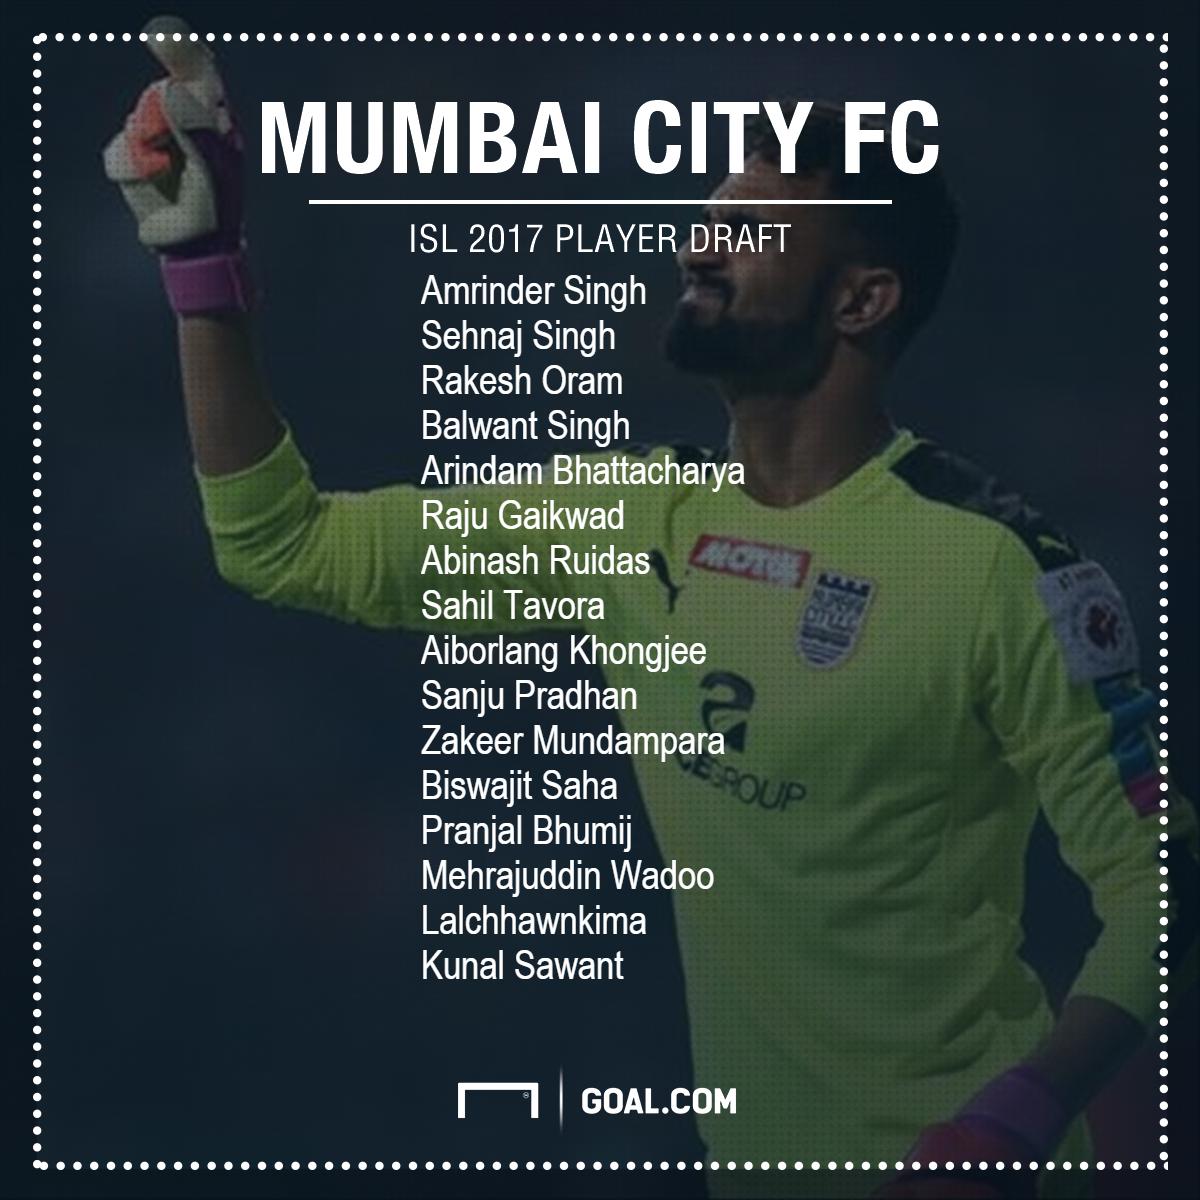 Mumbai City ISL 2017 draft